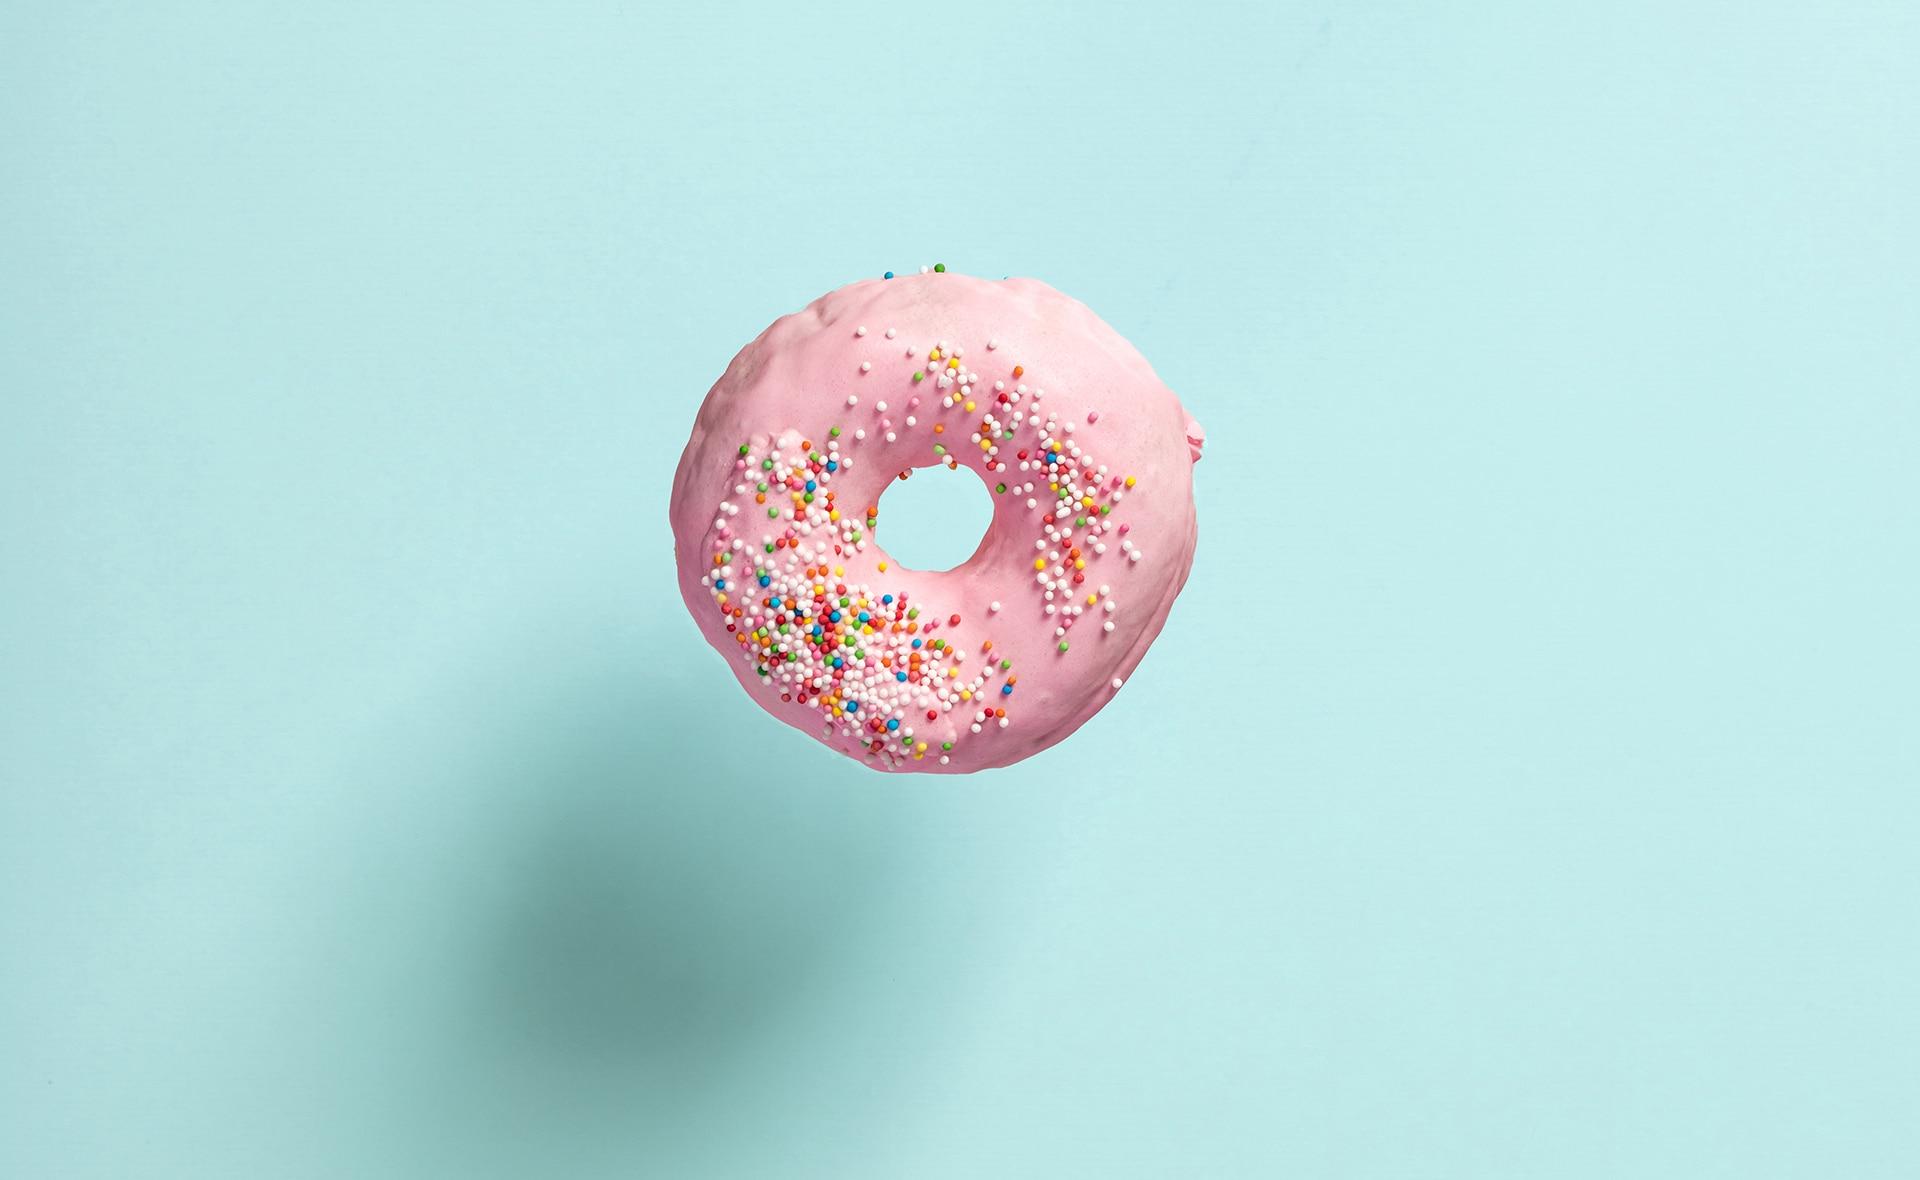 BBVA-sostenibilidad-economia-circular-donut-rosquilla